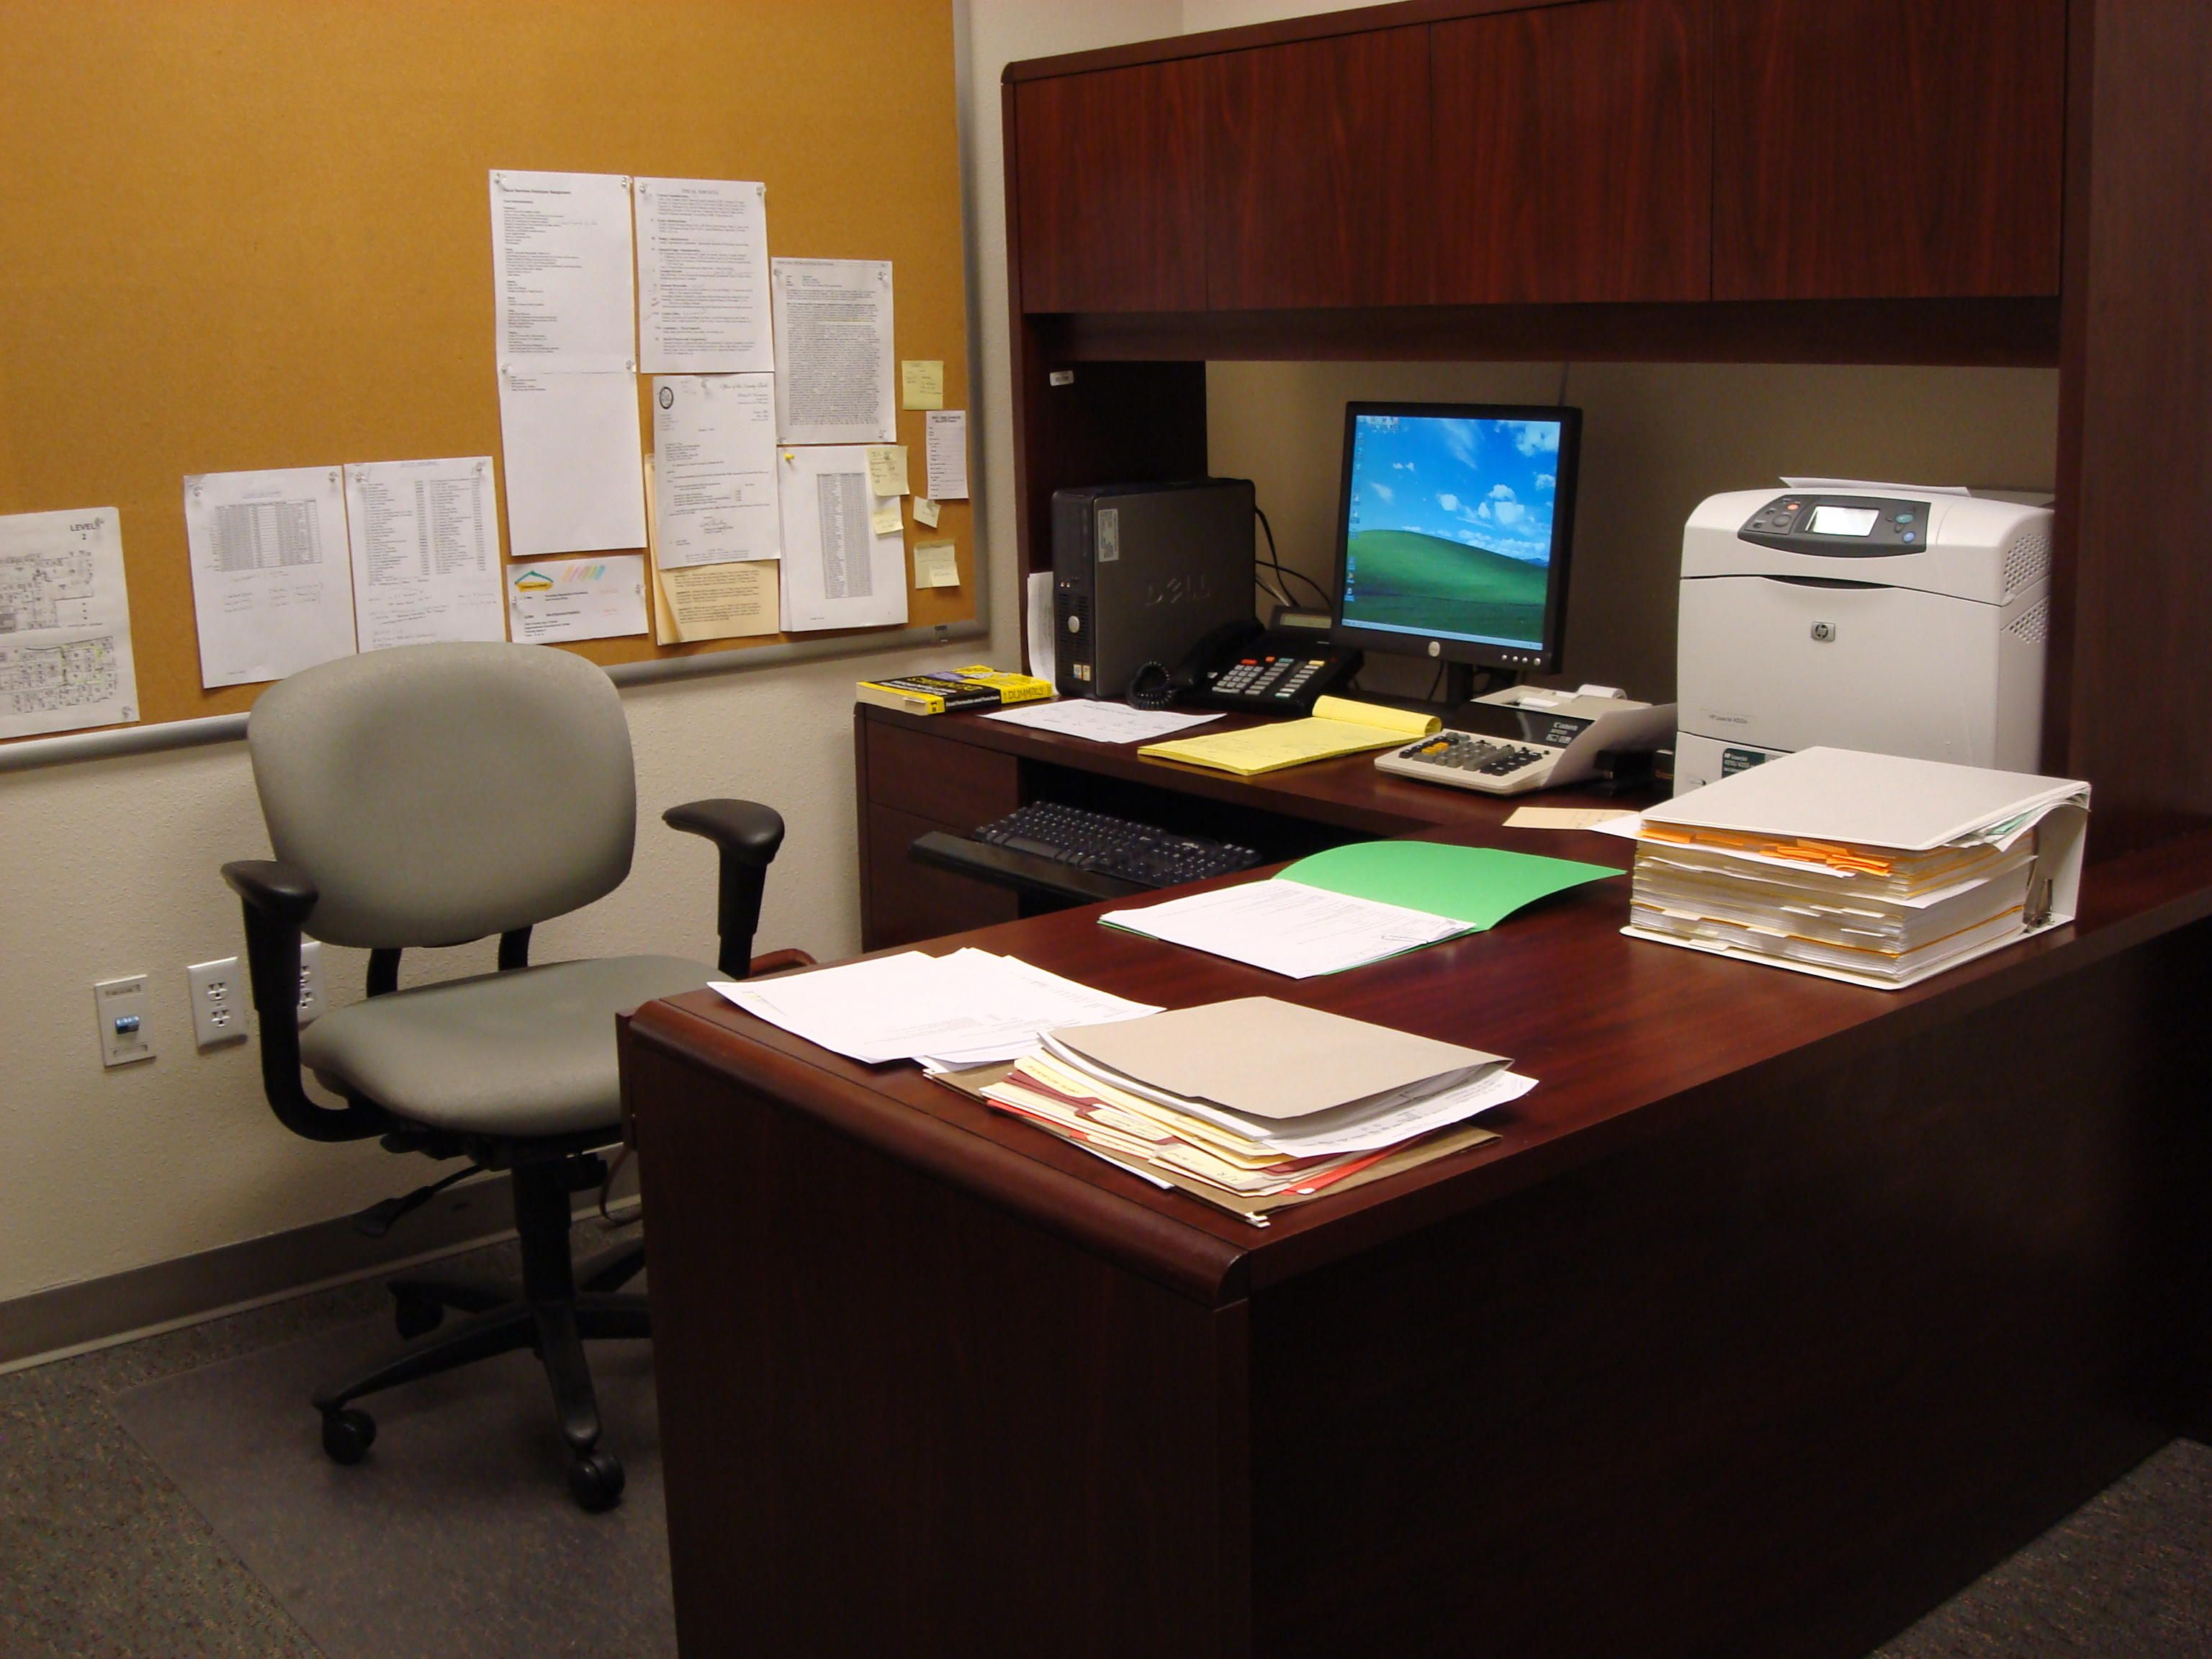 Marvelous Office Room Org